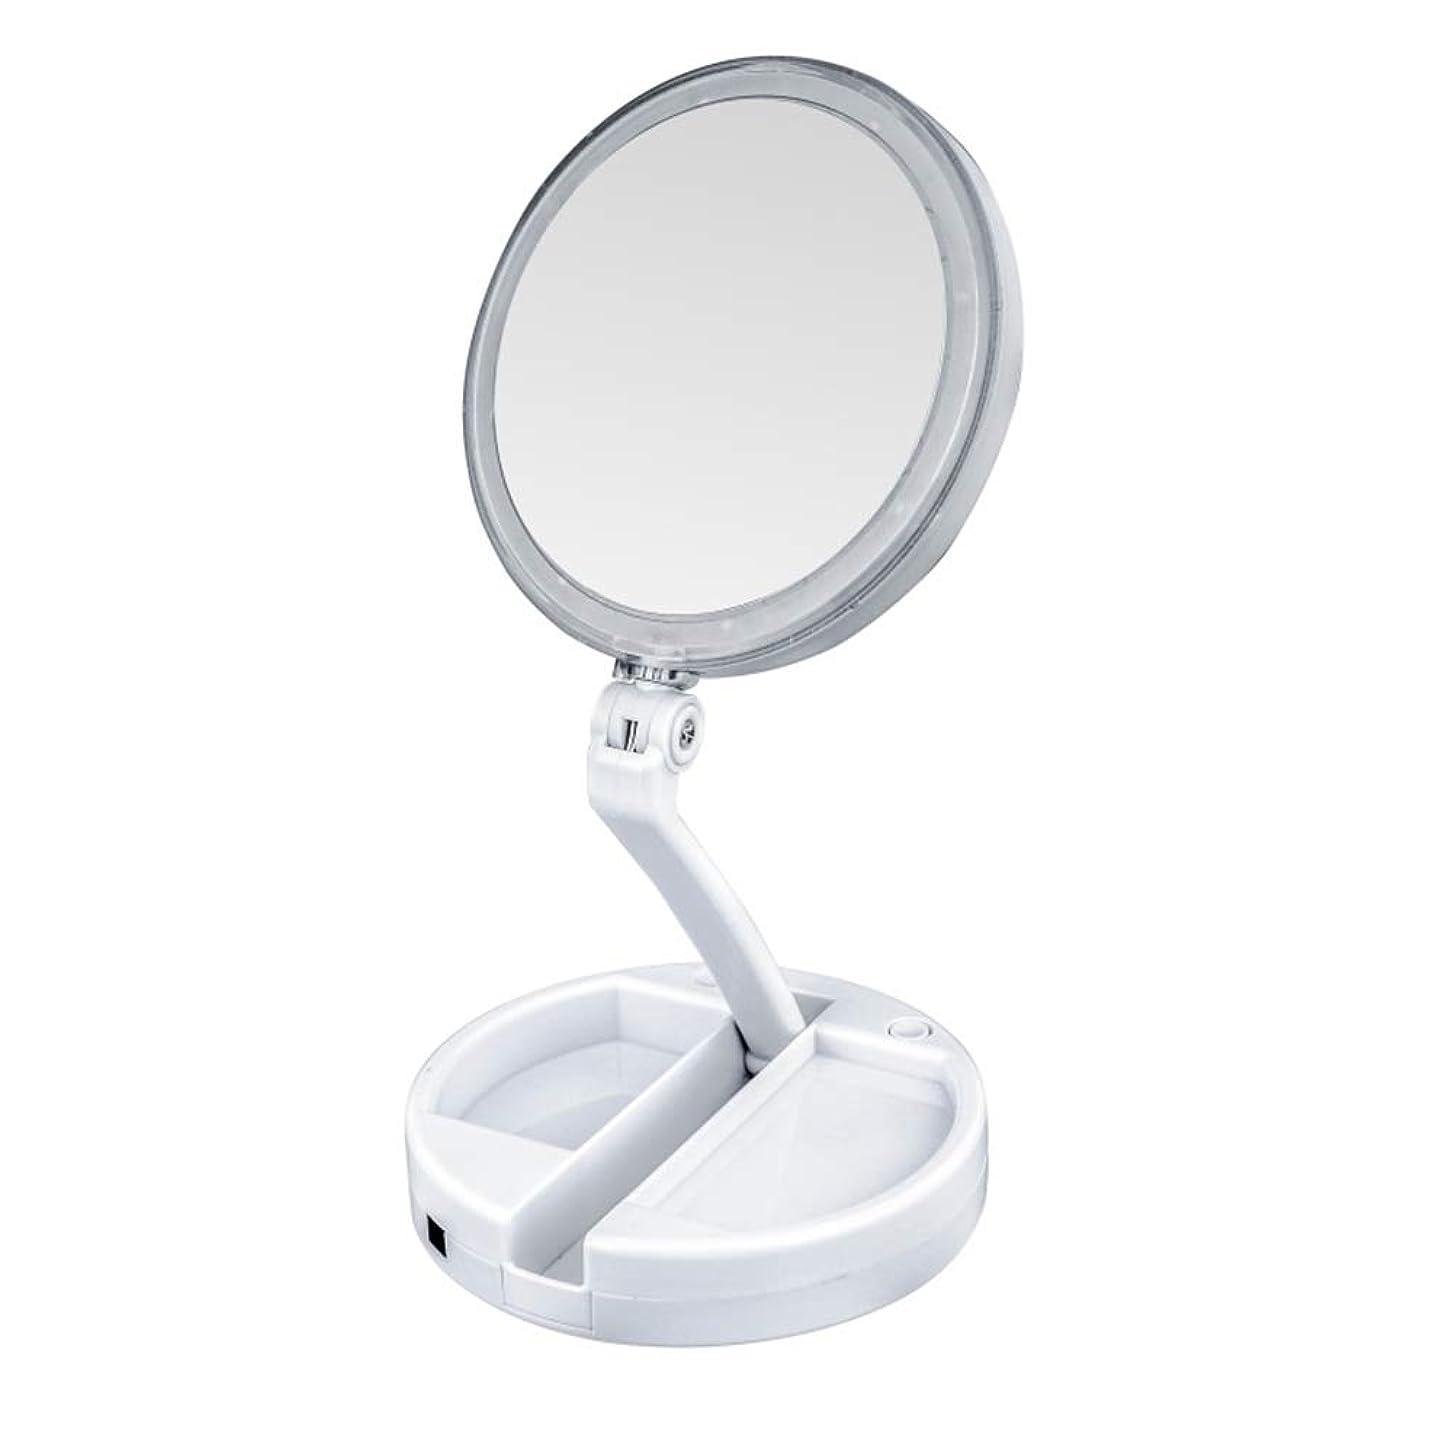 洪水ポルティコグラフlily's JP home 化粧鏡 拡大鏡 LEDライト付き 女優ミラー 両面鏡 折りたたみメイク鏡 携帯便利360°回転ミラー USB充電式と電池式 収納ボックス付き 照明用